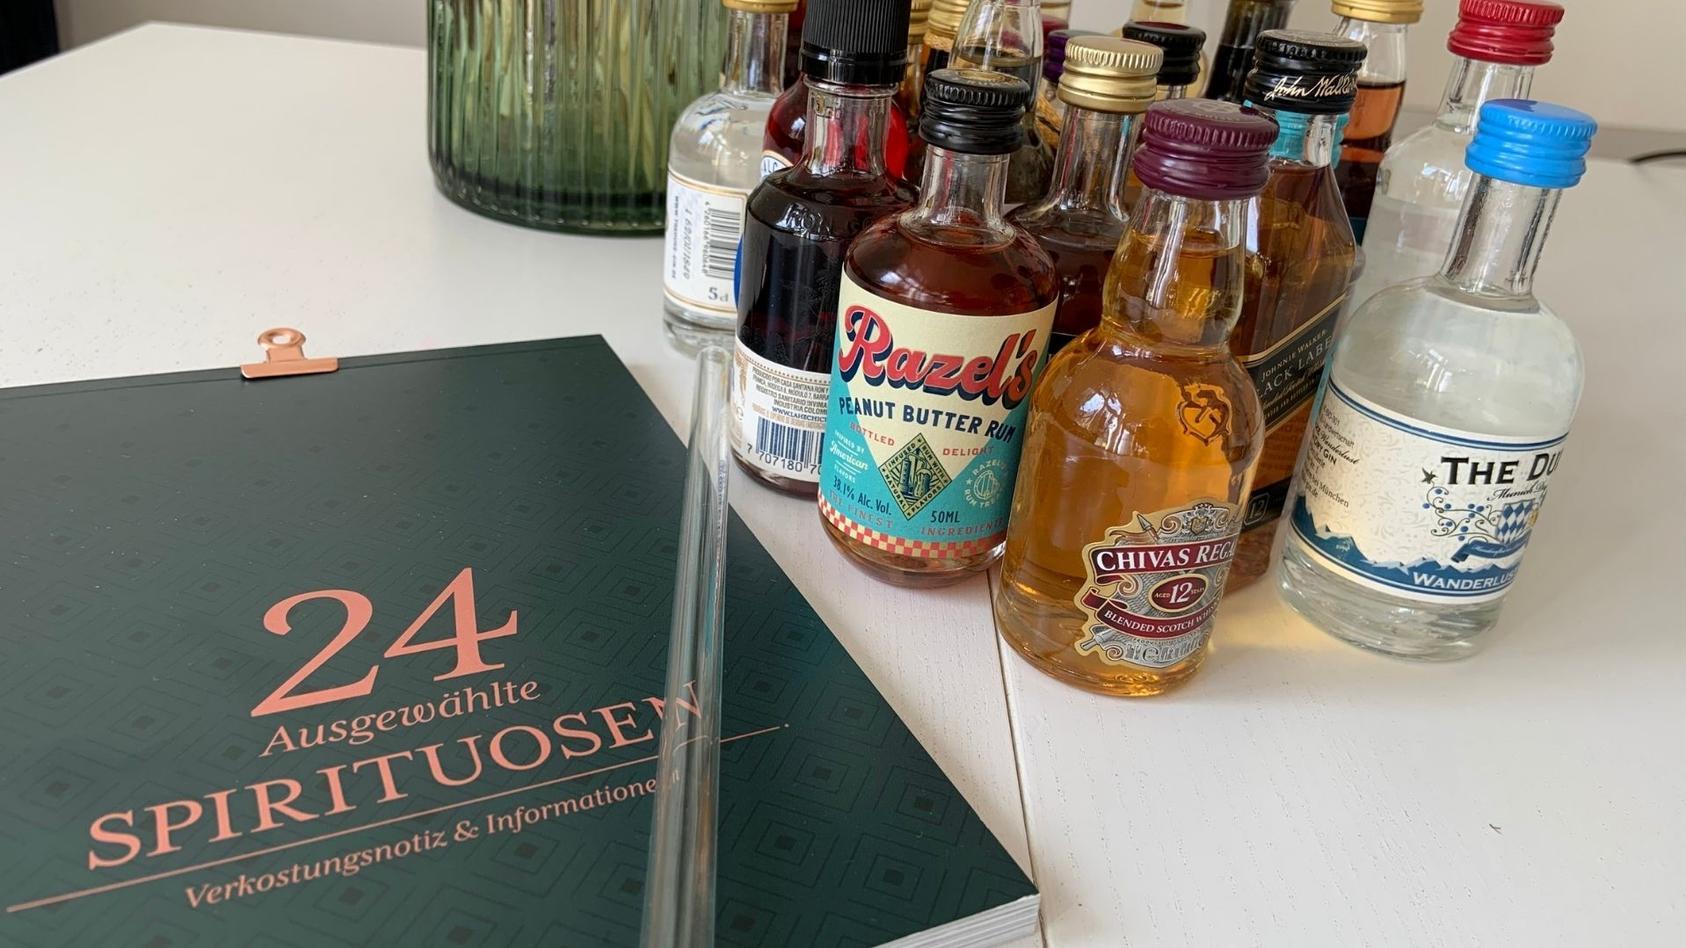 als-gimmick-zum-amazon-spirituosen-adventskalender-2021-gibt-es-ein-booklet-mit-cocktail-rezepten-und-einen-strohhalm-aus-glas